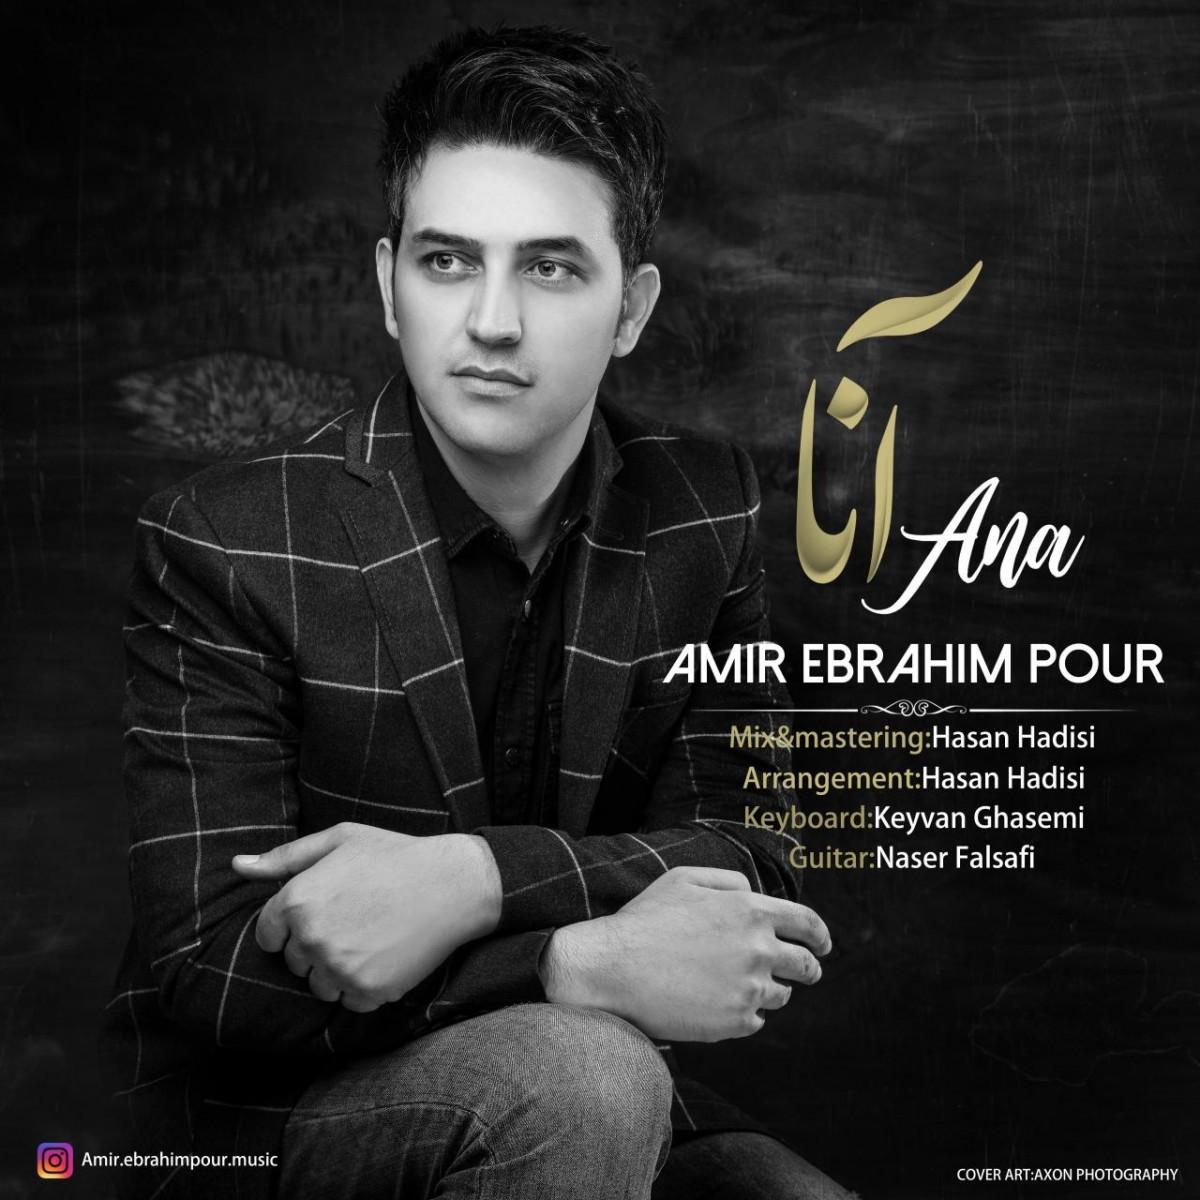 نامبر وان موزیک | دانلود آهنگ جدید Amir-Ebrahim-Pour-Ana